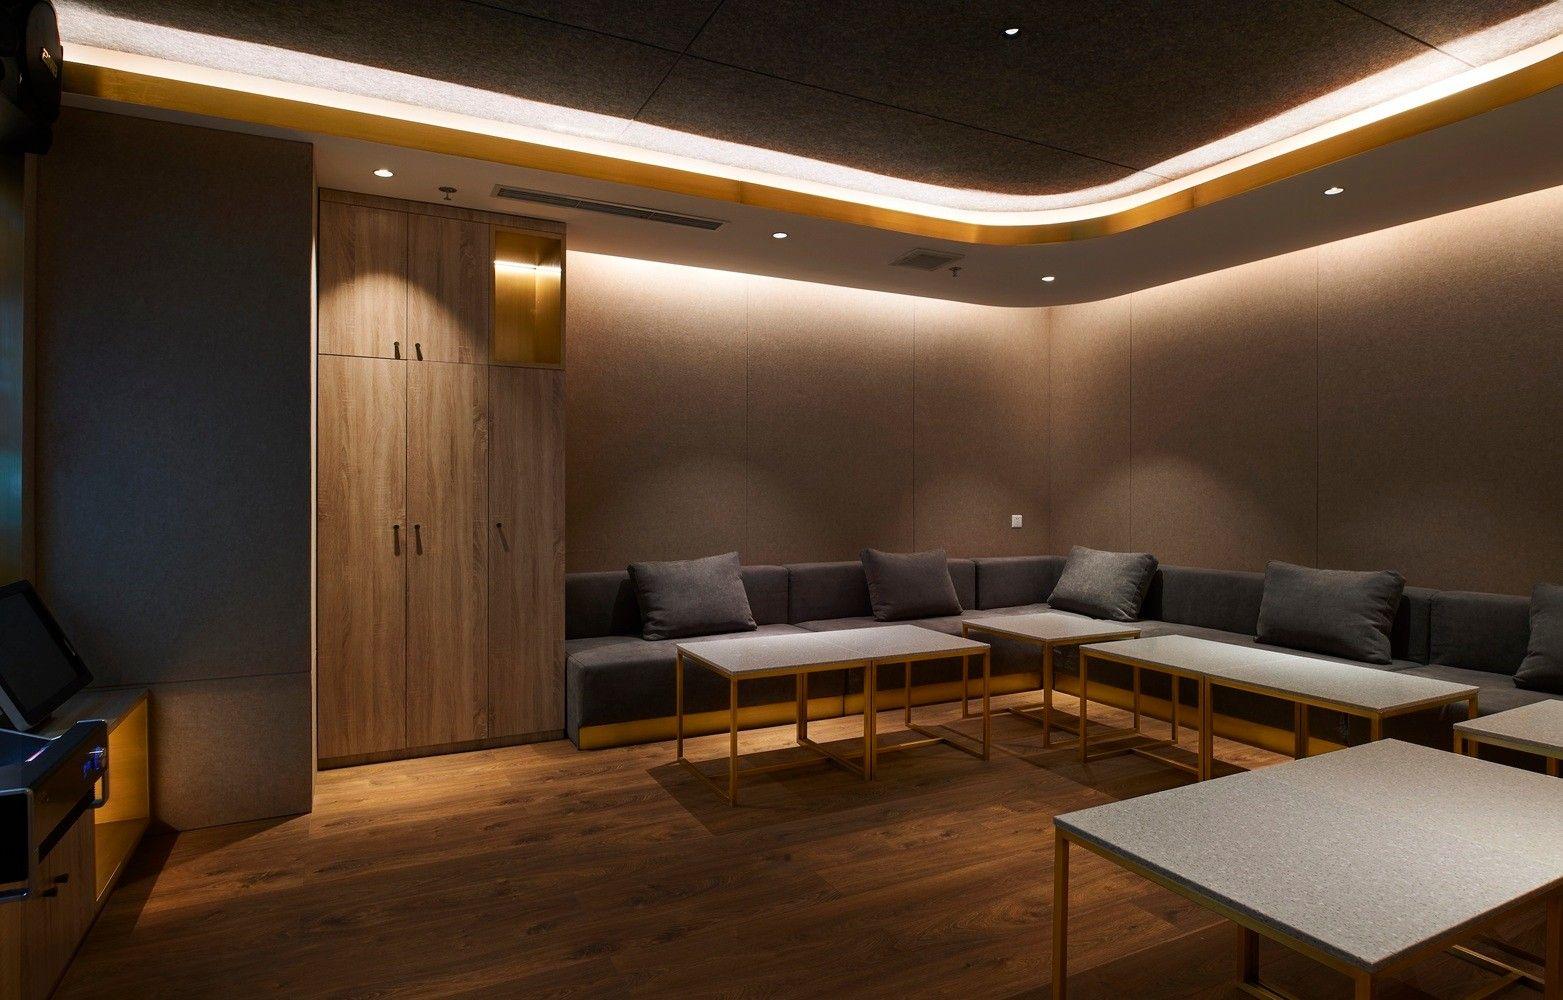 北京东赏日料餐厅 | 今福建筑工作室